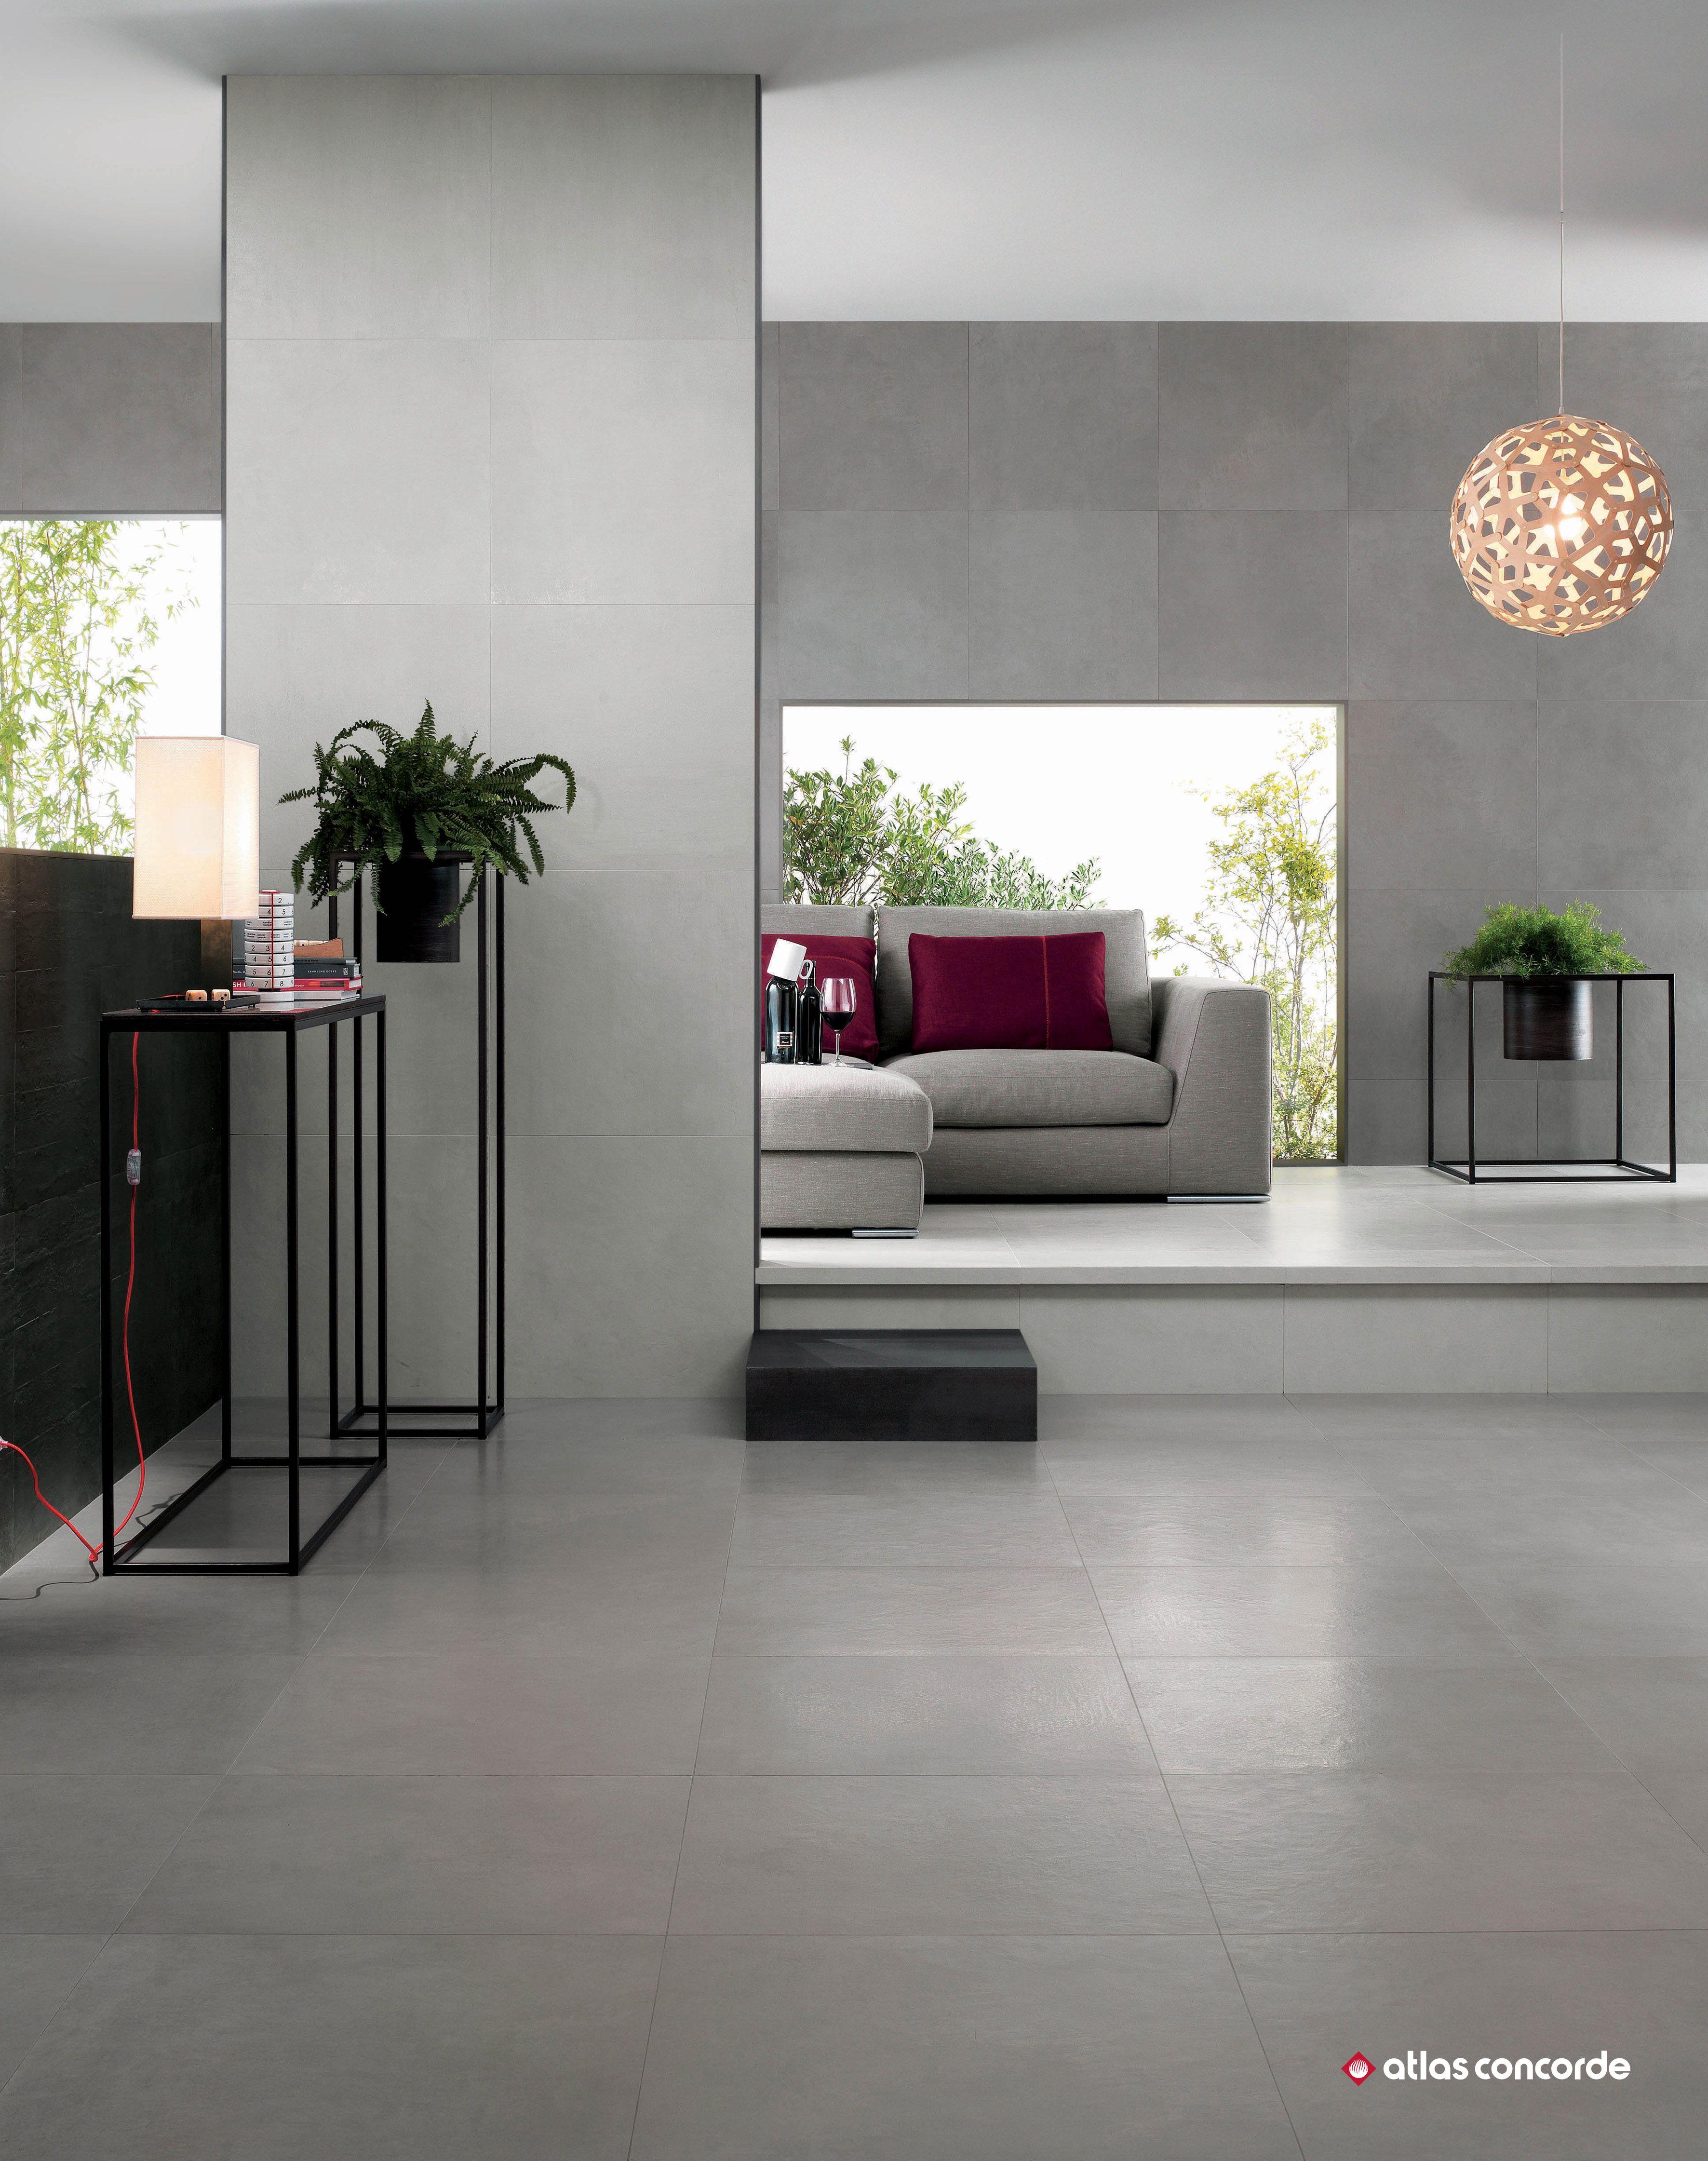 Concrete Look Porcelain Tiles Atlas Concorde Floors Contemporary Tile House Tiles Flooring